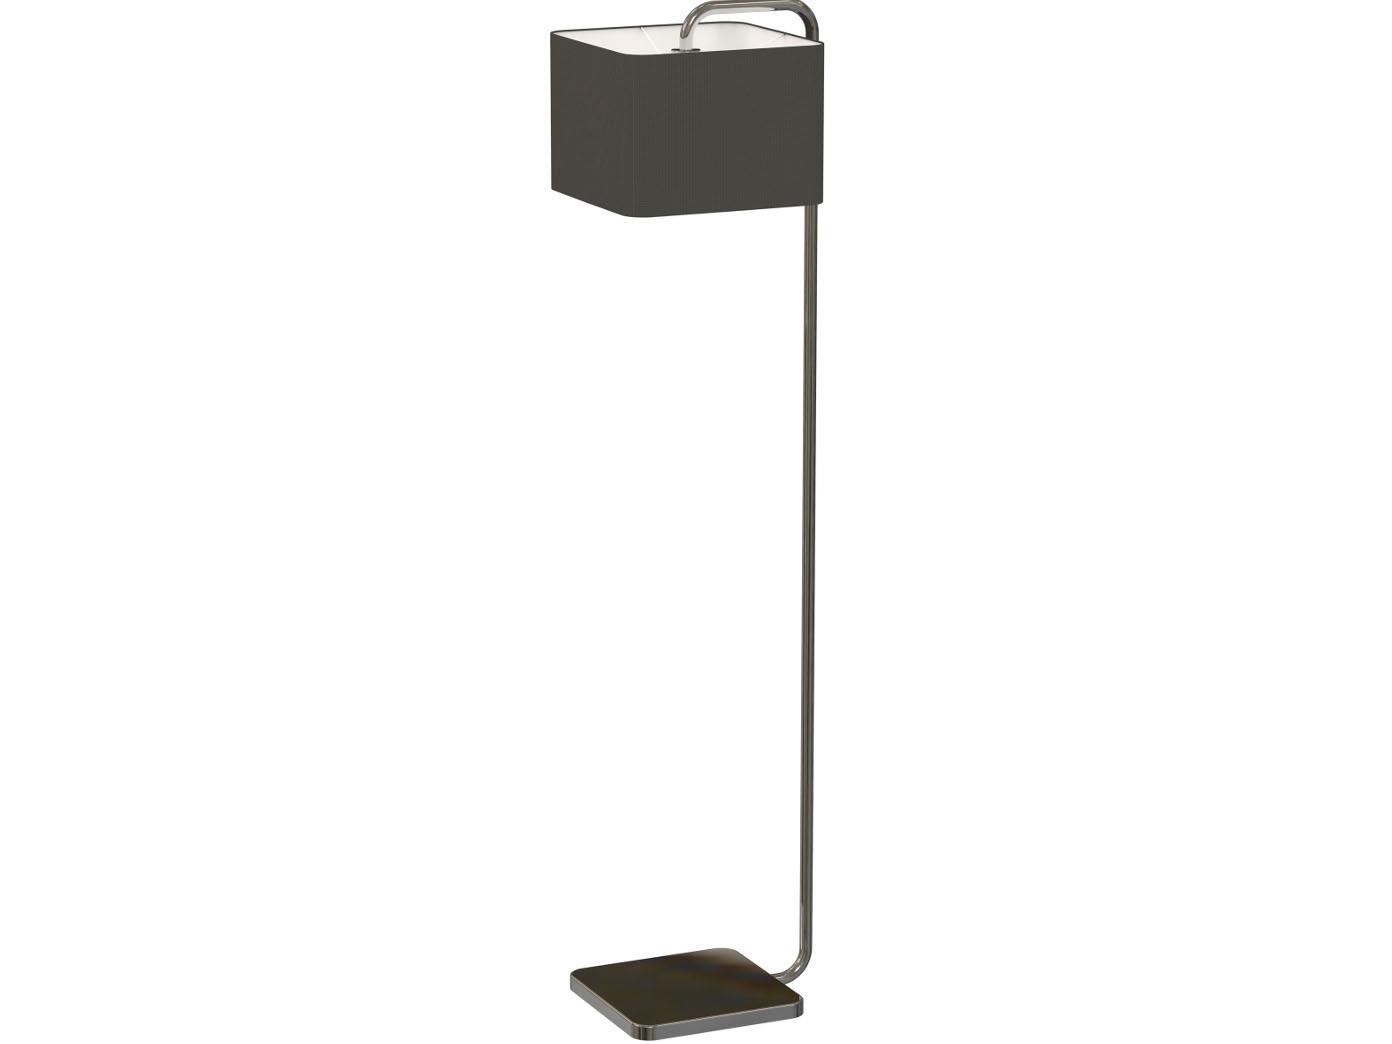 Full Size of Wohnzimmer Stehlampe Stehlampen Led Ikea Modern Stehleuchte Dimmbar Eckige Designer Cube Mit Schwarzem Stoffschirm Anbauwand Liege Pendelleuchte Deckenlampe Wohnzimmer Wohnzimmer Stehlampe